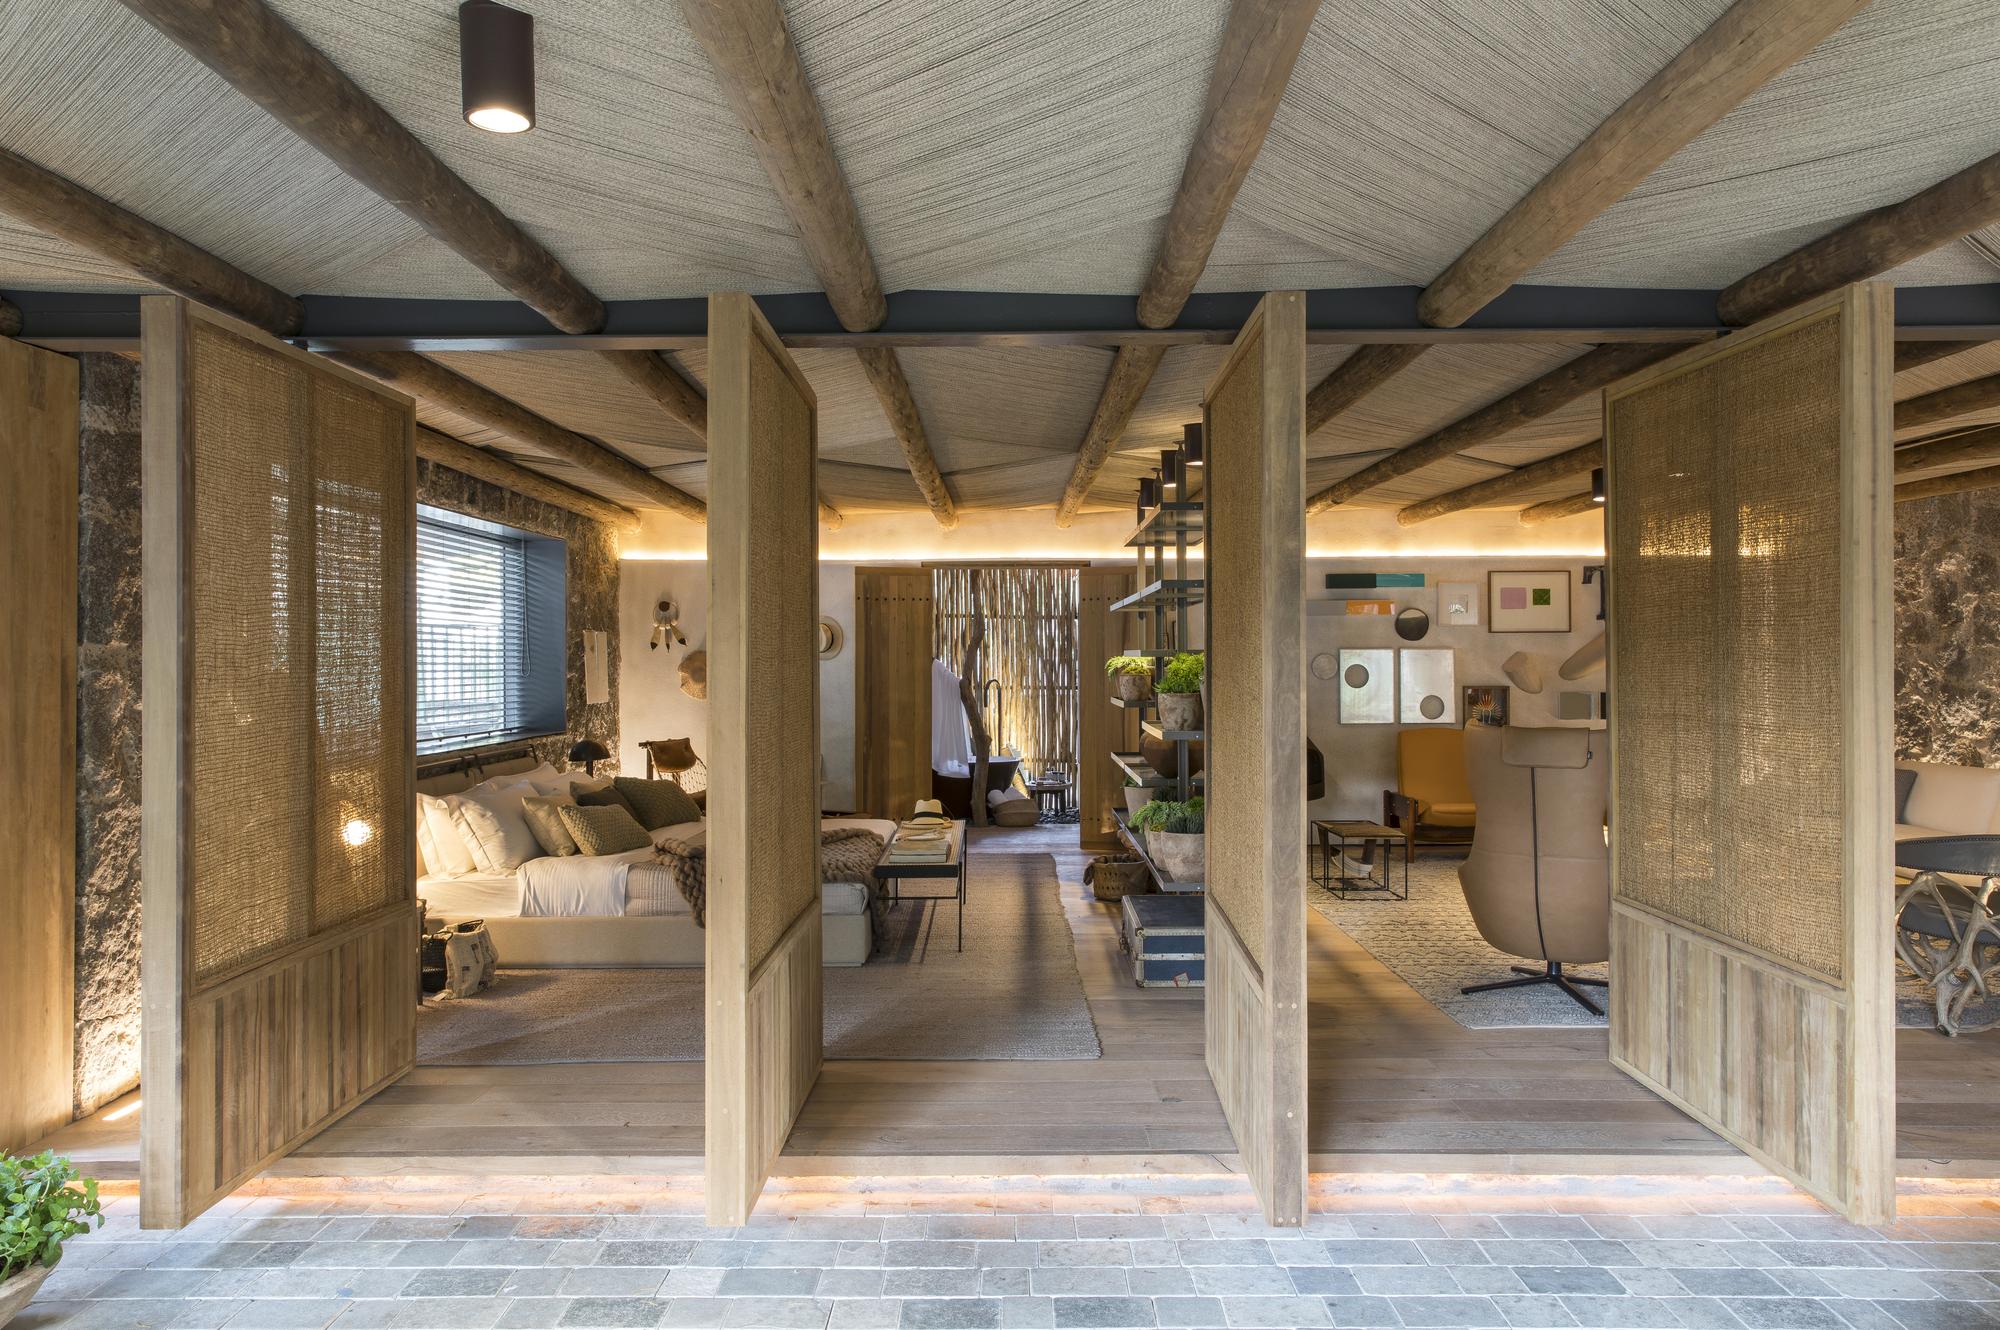 Interior Design Architecture And Design Archdaily